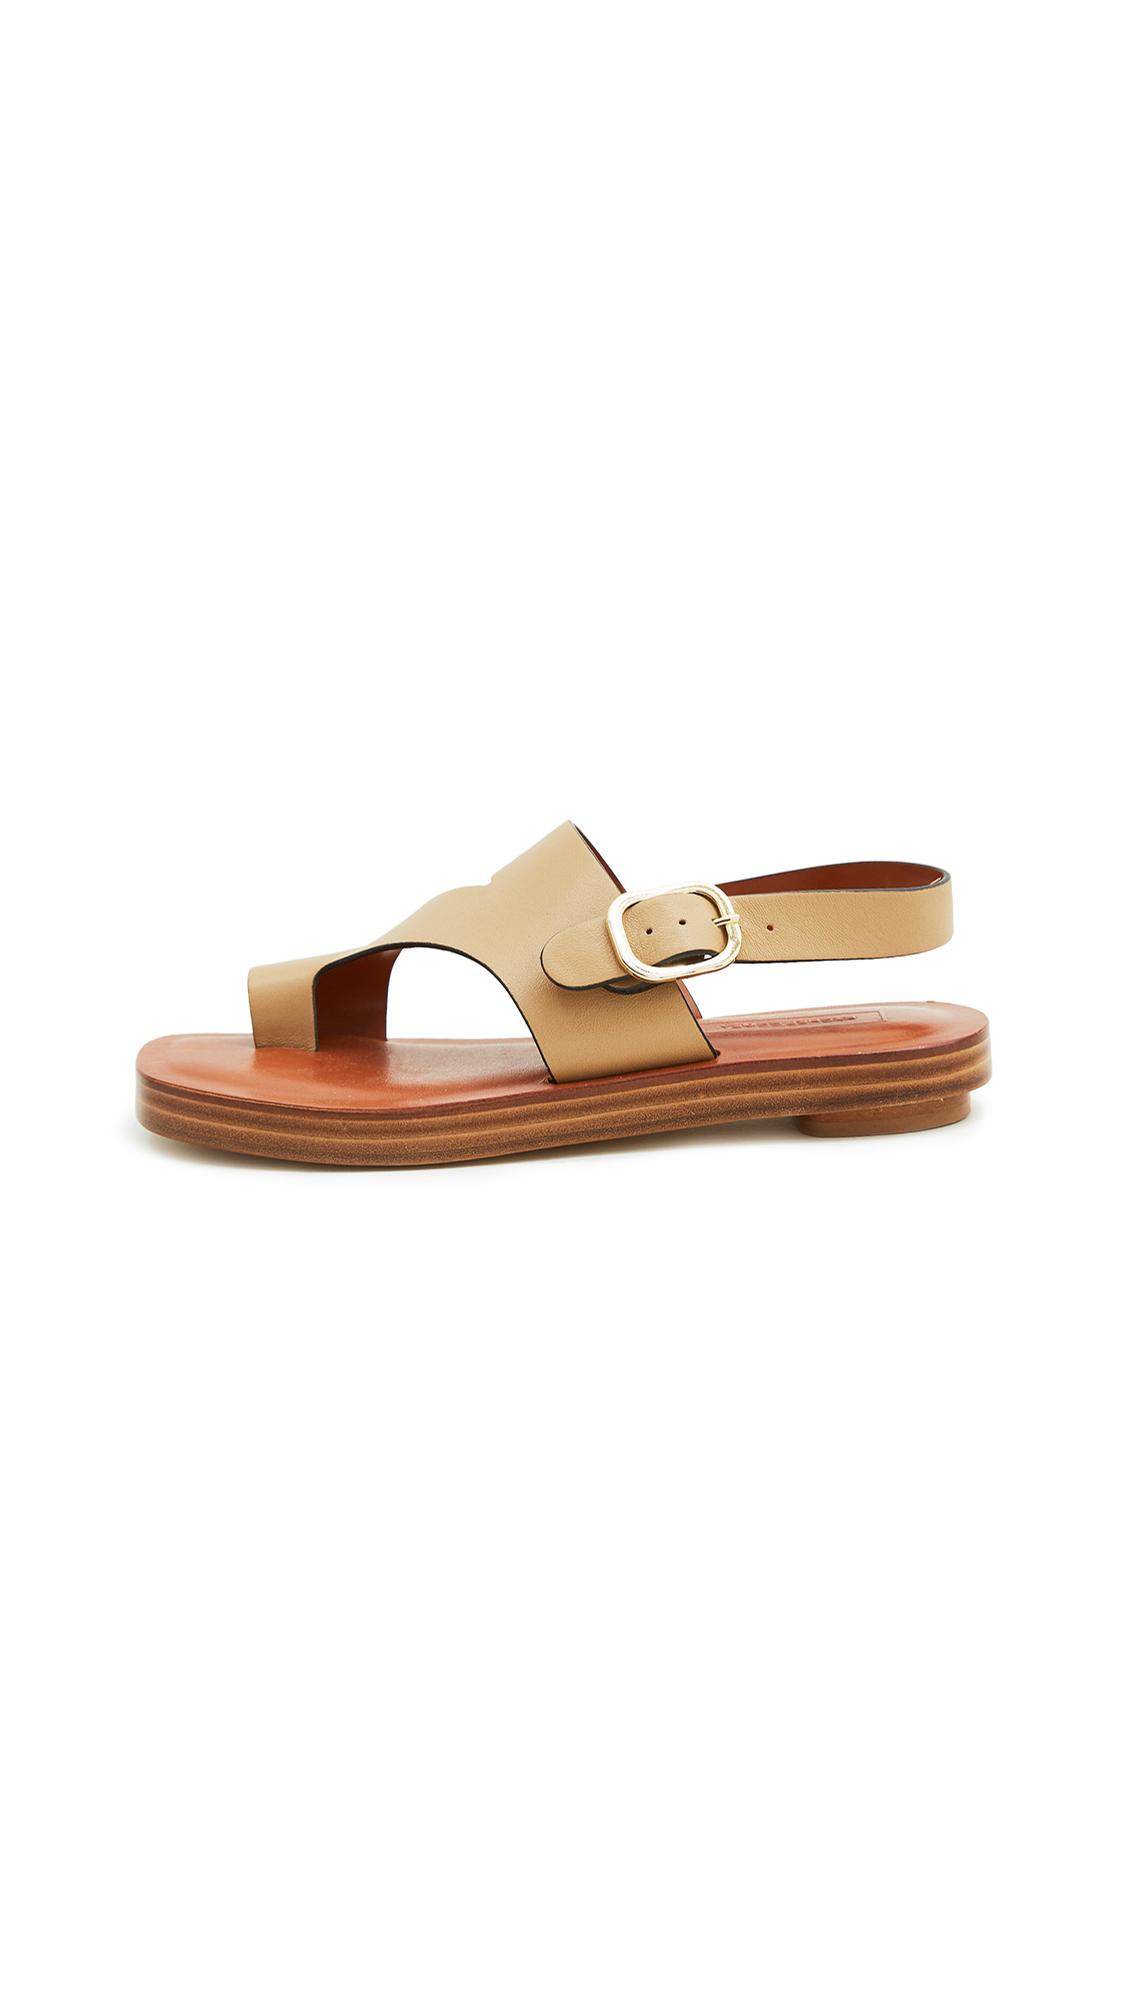 Buy Rachel Comey Lark Sandals online, shop Rachel Comey